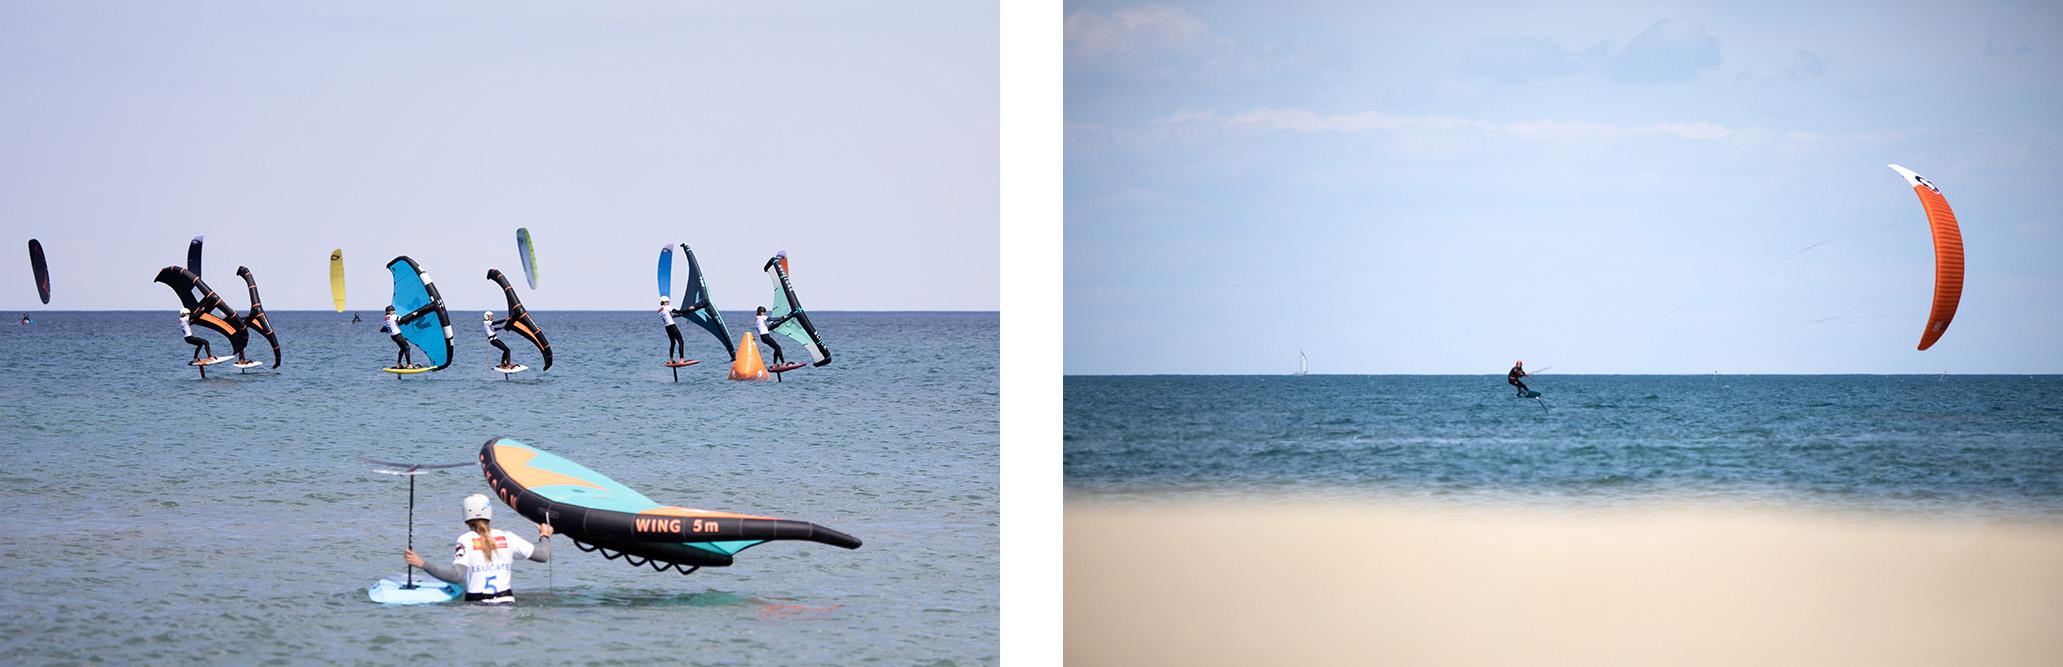 courses Wingfoil et Kitefoil Mondial du Vent